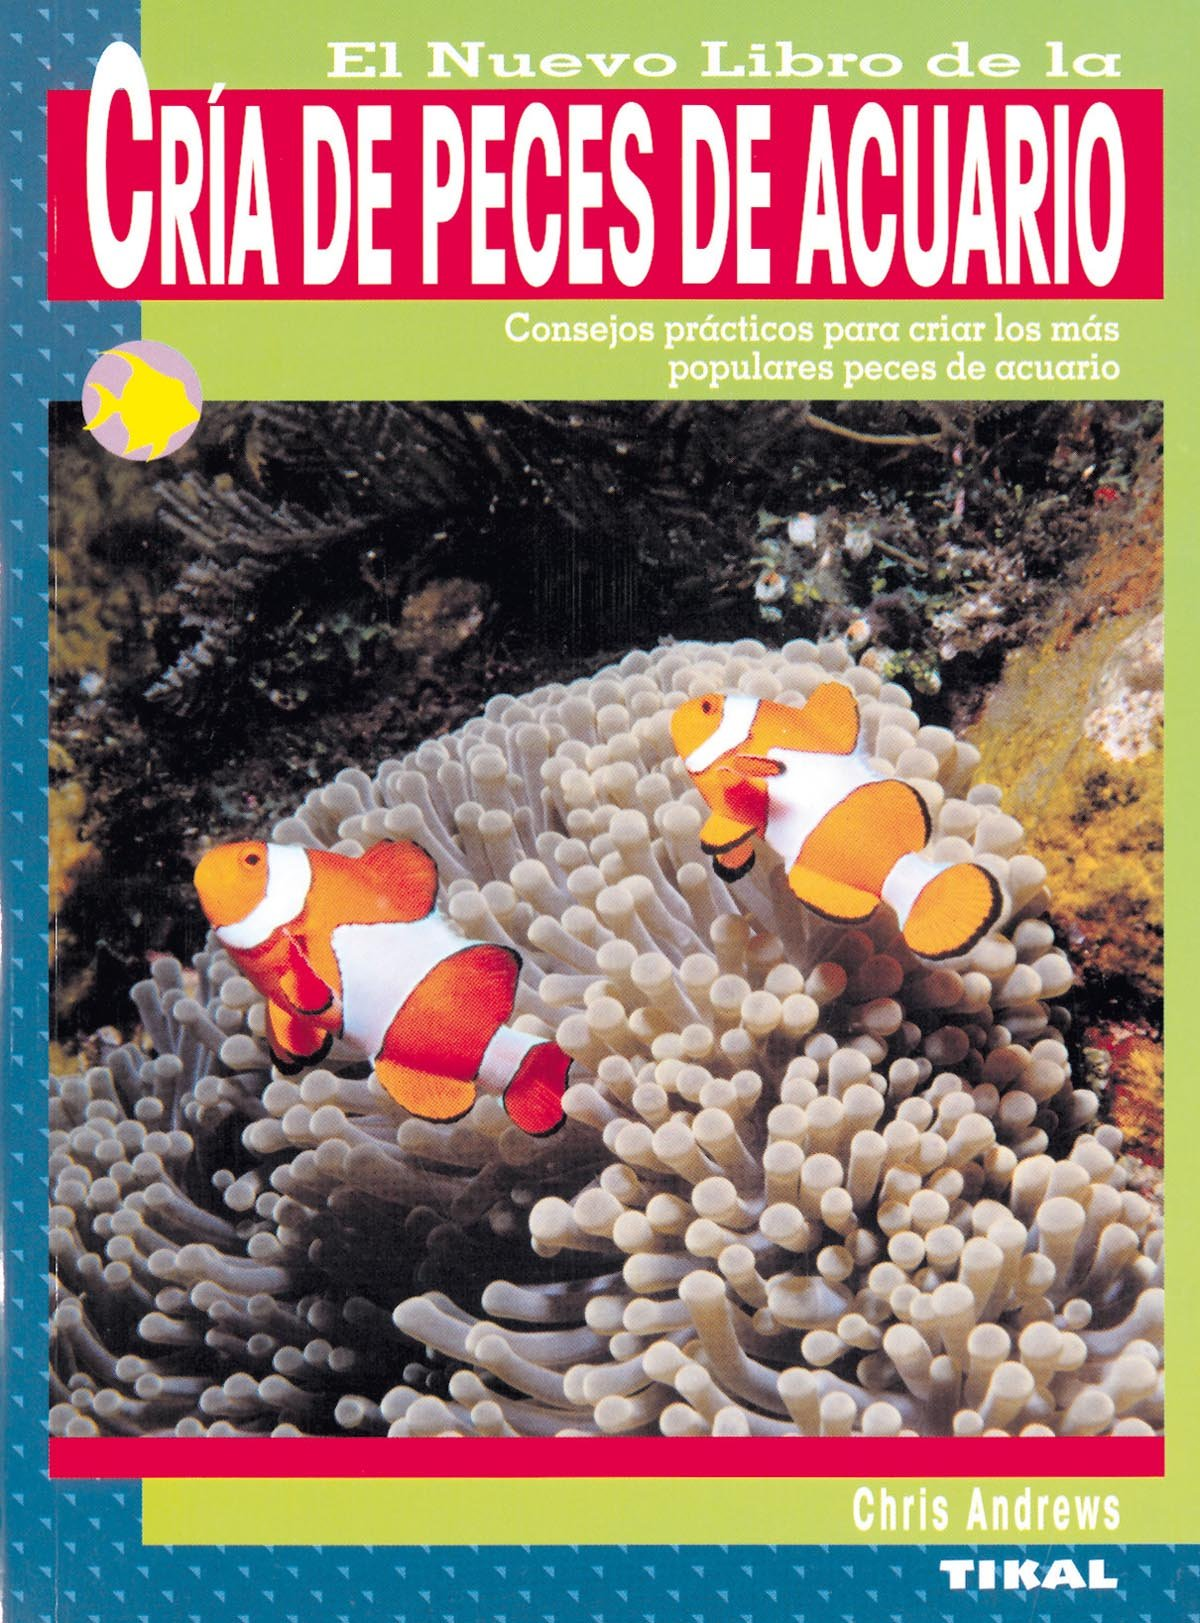 Cria De Peces De Acuario (Cría De Peces De Acuario): Amazon.es: Chris Andrews: Libros